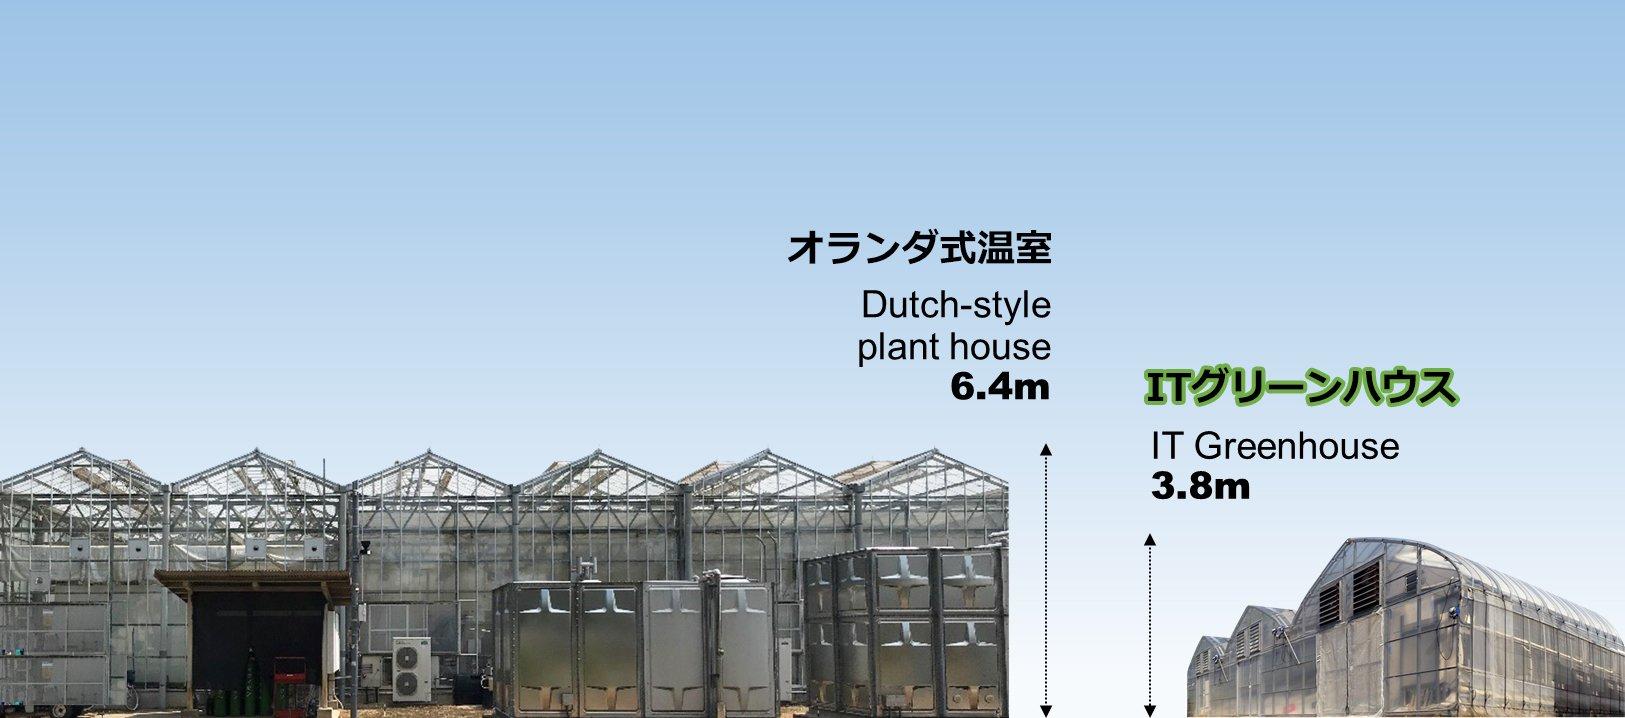 オランダ式温室に比べ天井高を抑えた「ITグリーンハウス」